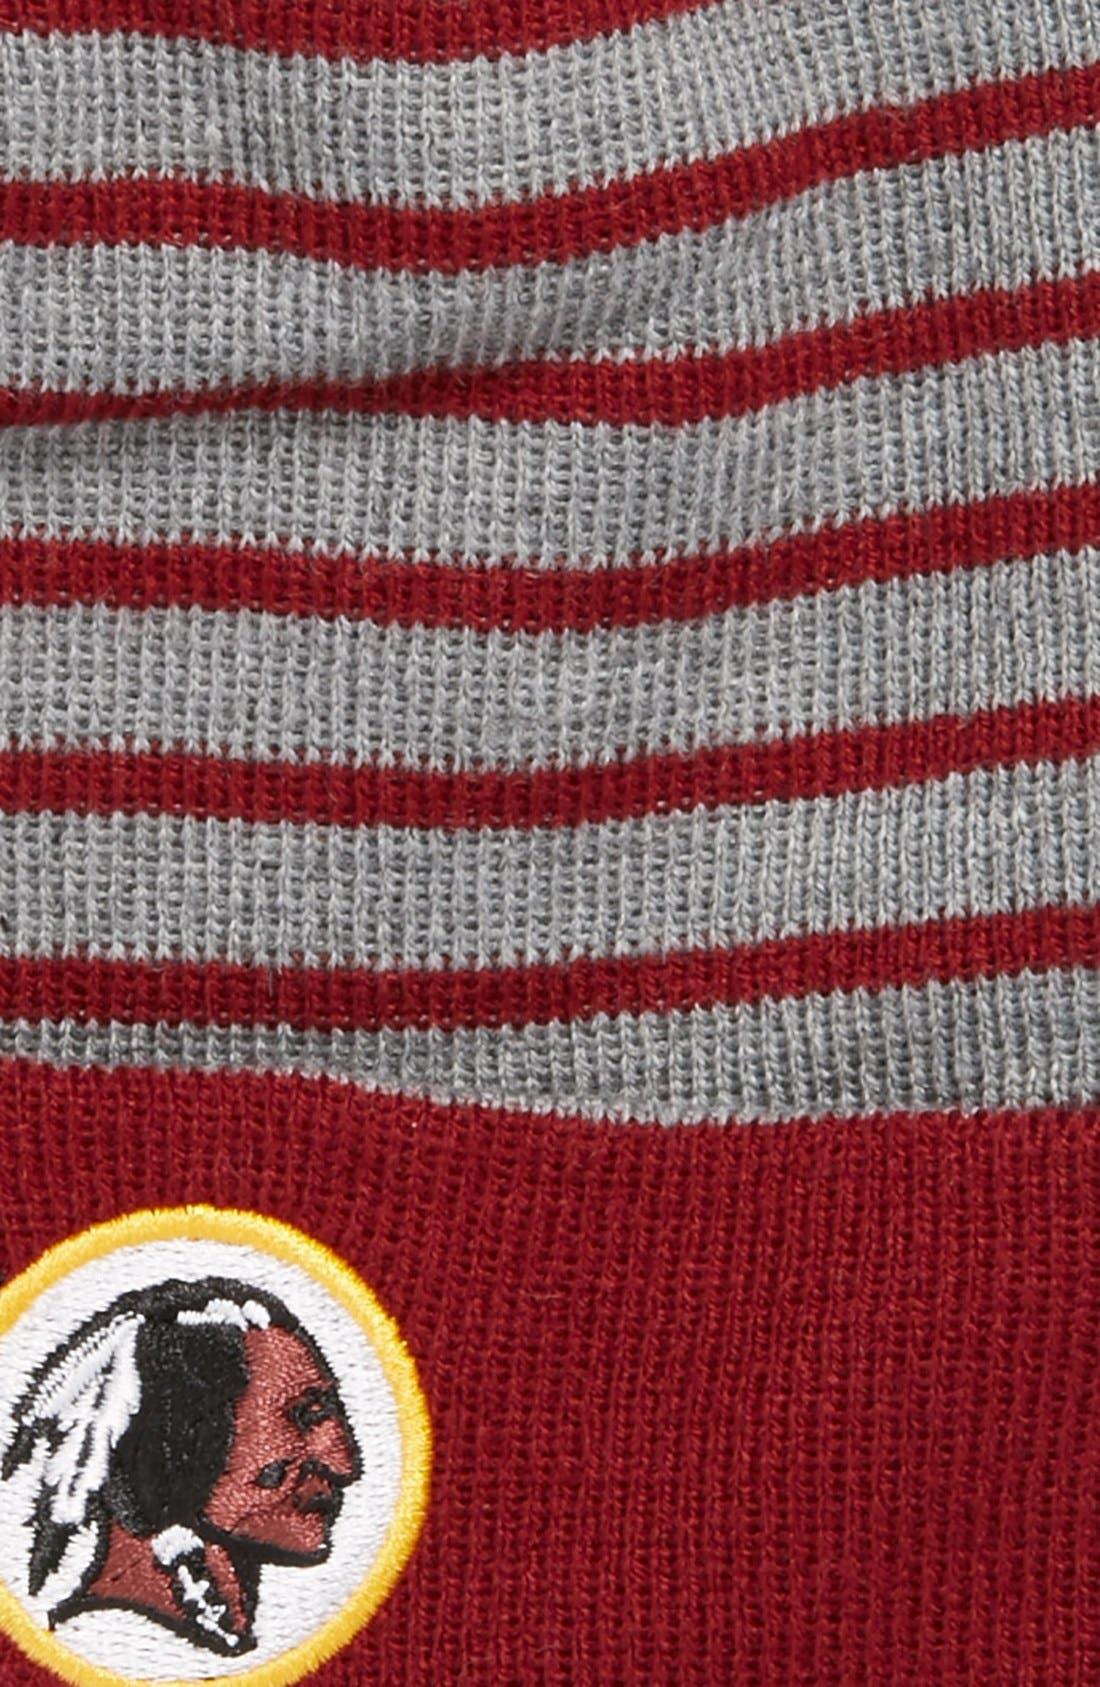 Alternate Image 3  - New Era Cap 'H Stripe - Washington Redskins' Knit Cap